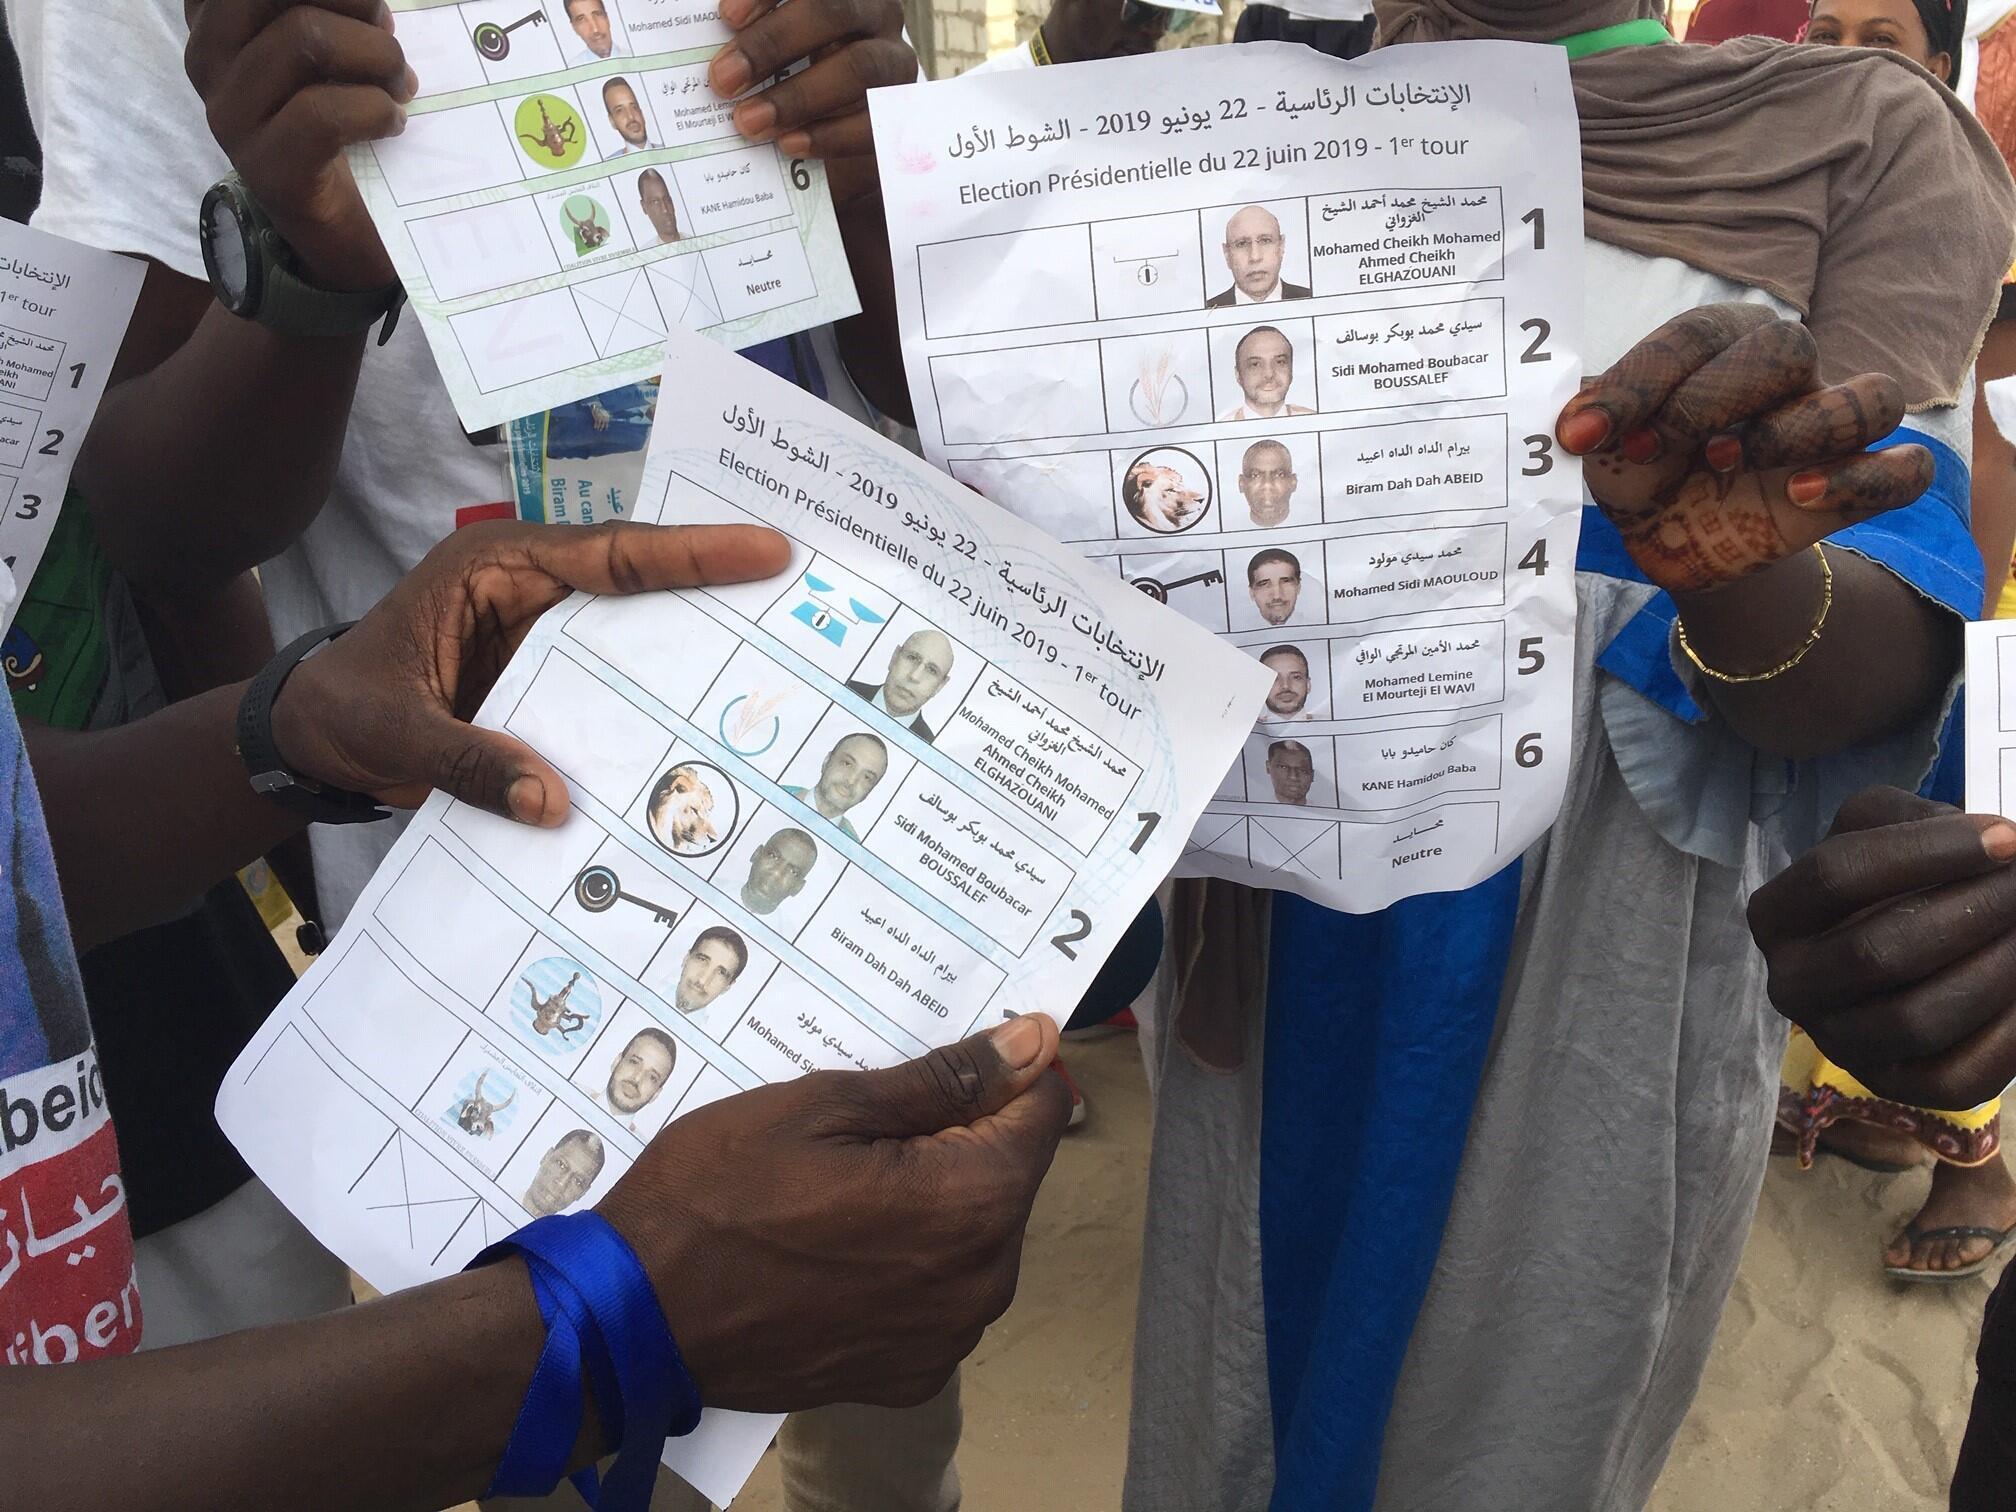 Boletins de voto para a primeira volta das presidenciais deste 22 de Junho na Mauritânia.